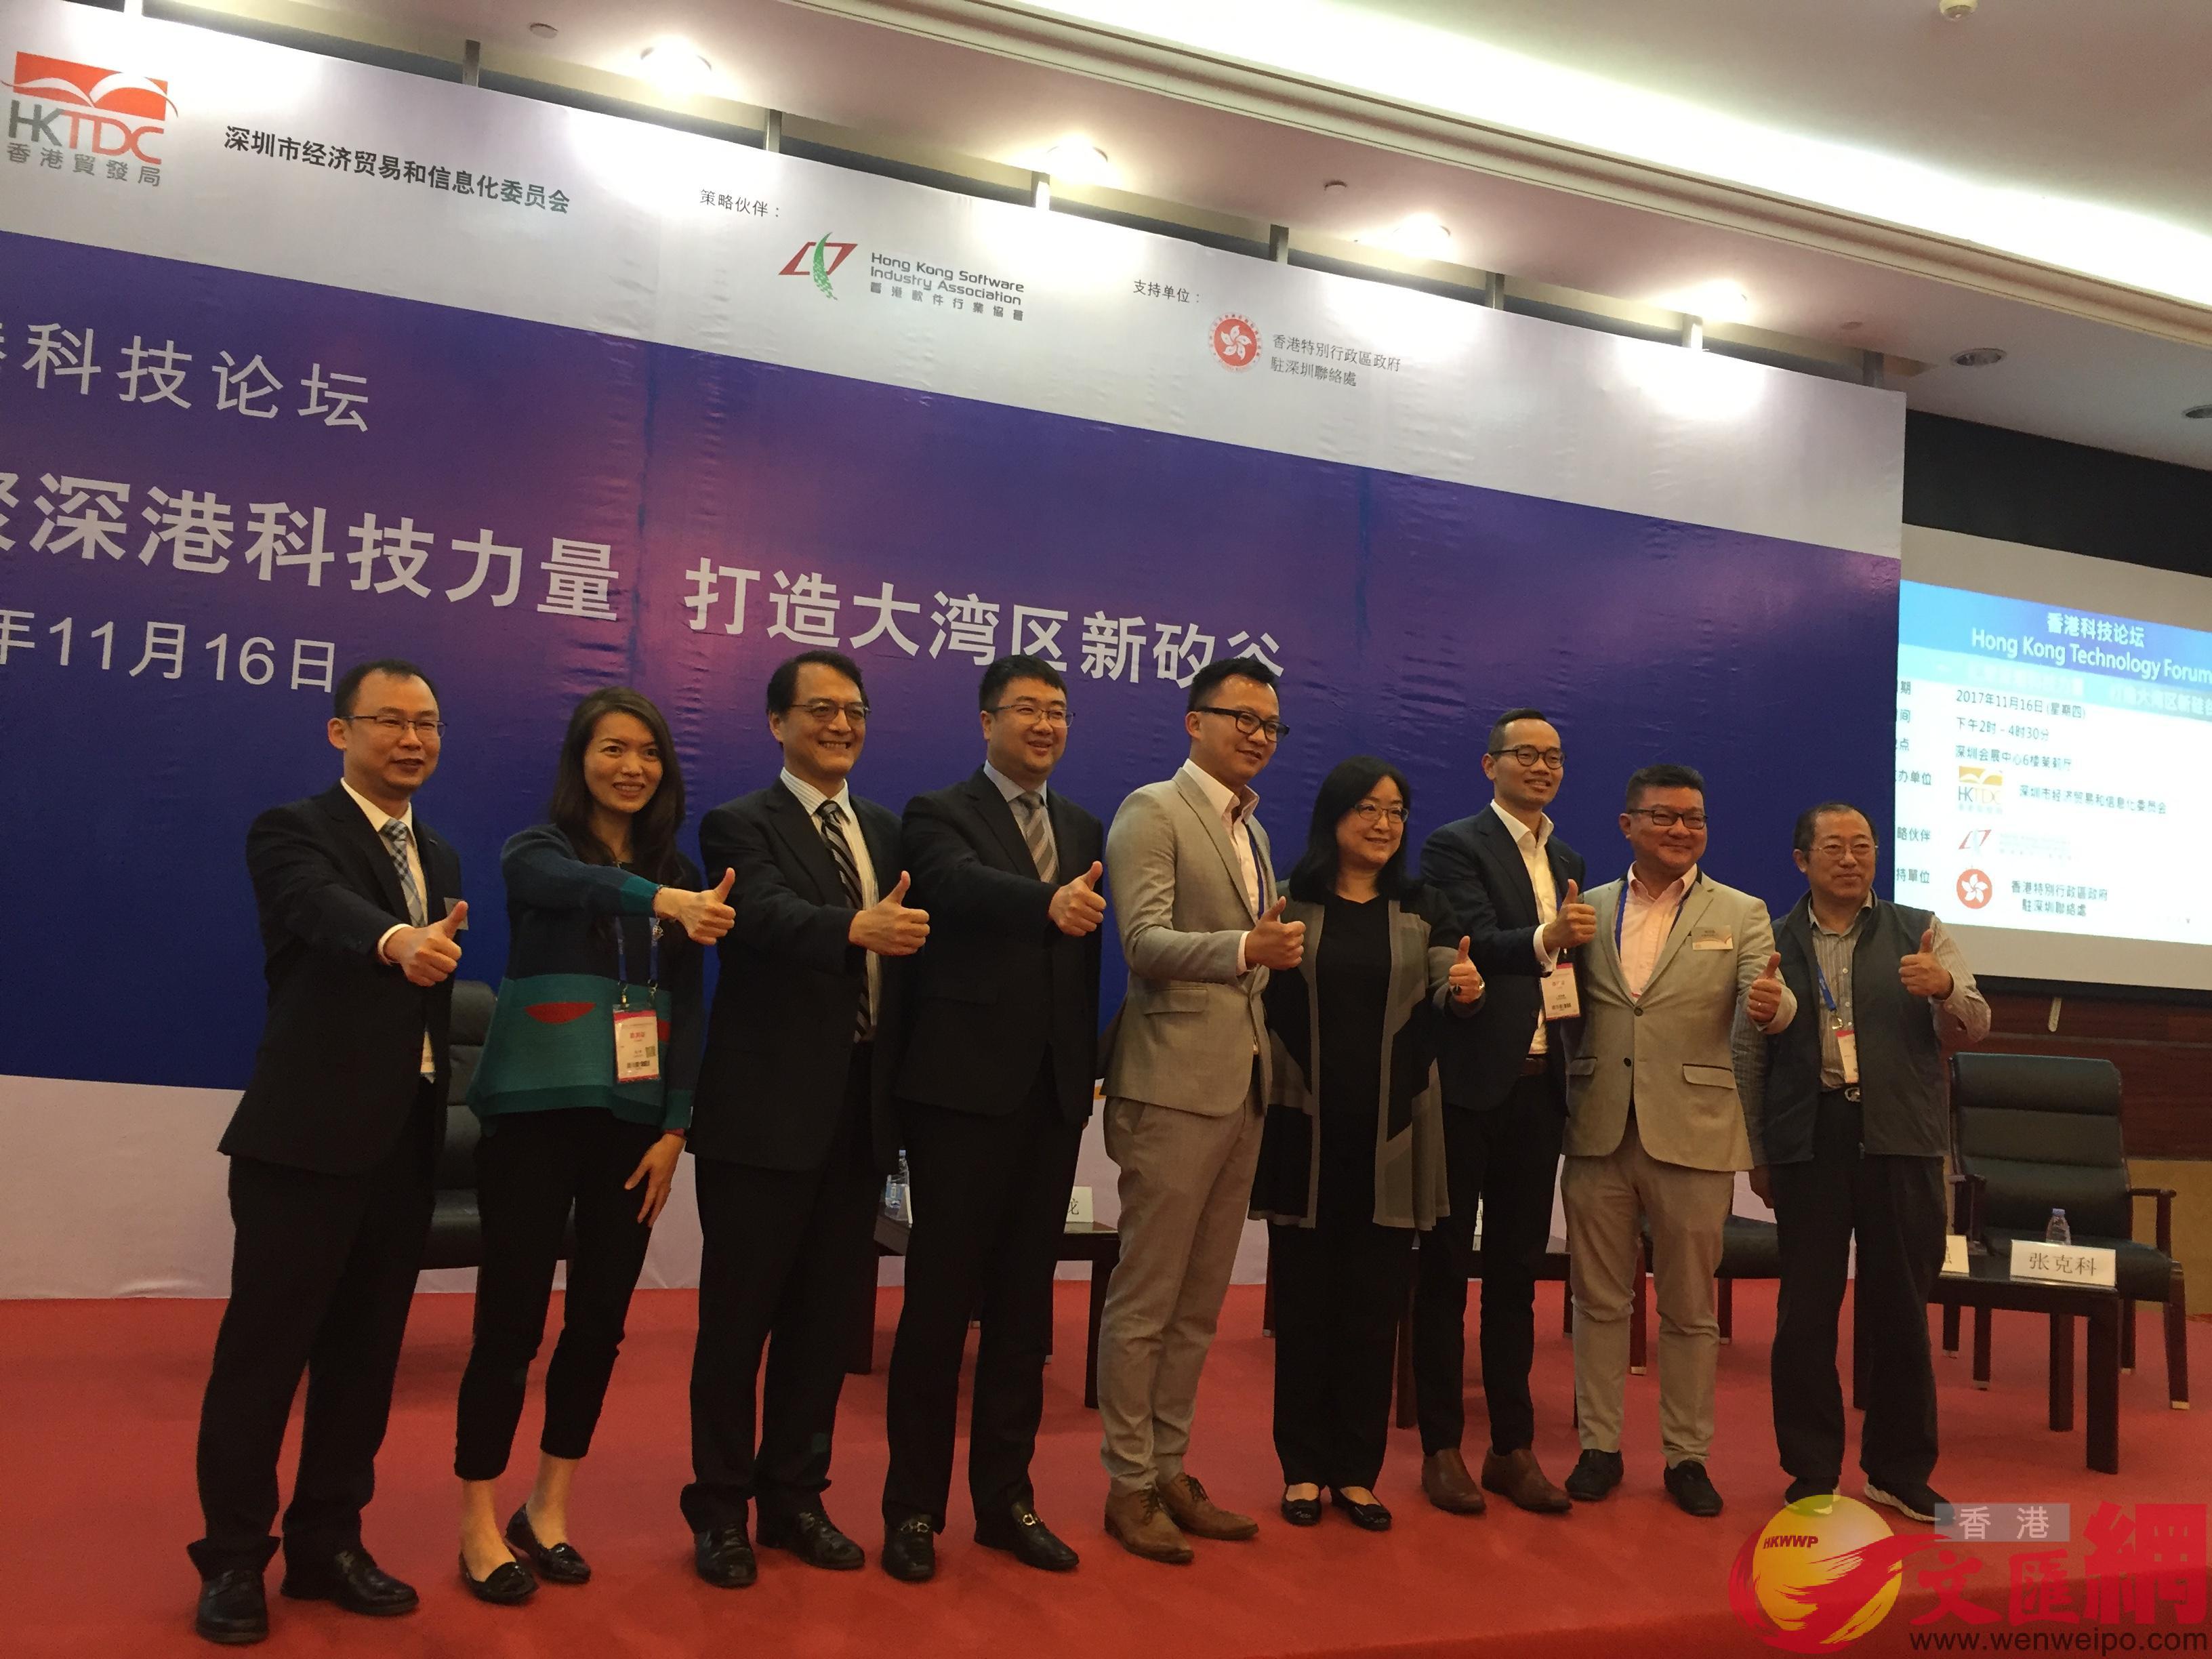 香港貿發局邀海內外知名科技企業領袖就「打造粵港澳大灣區新硅谷」各抒己見(記者毛麗娟攝)